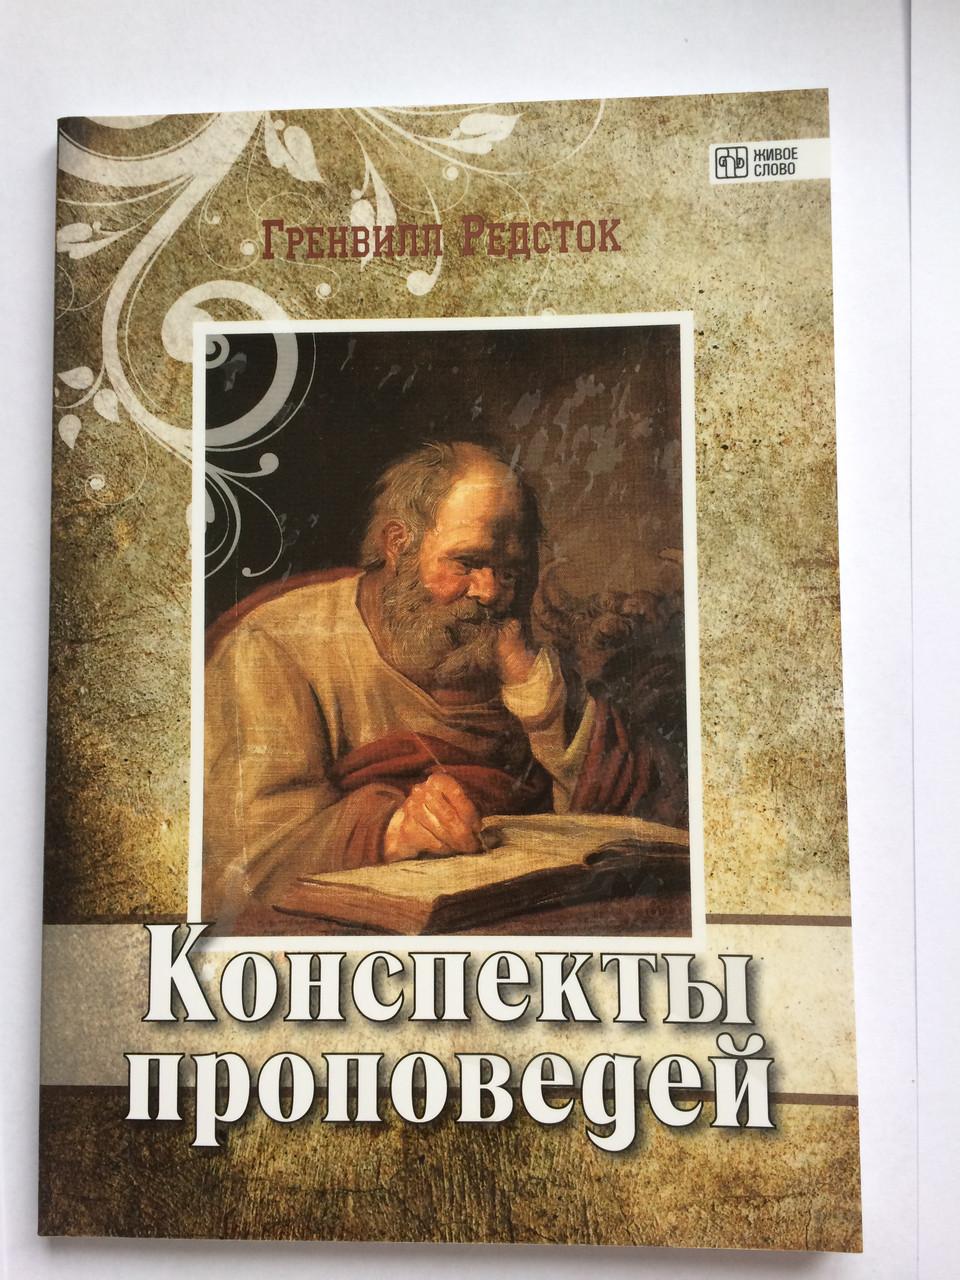 Конспекти проповідей. Книги проповідей Редстока. Гренвилл Редсток